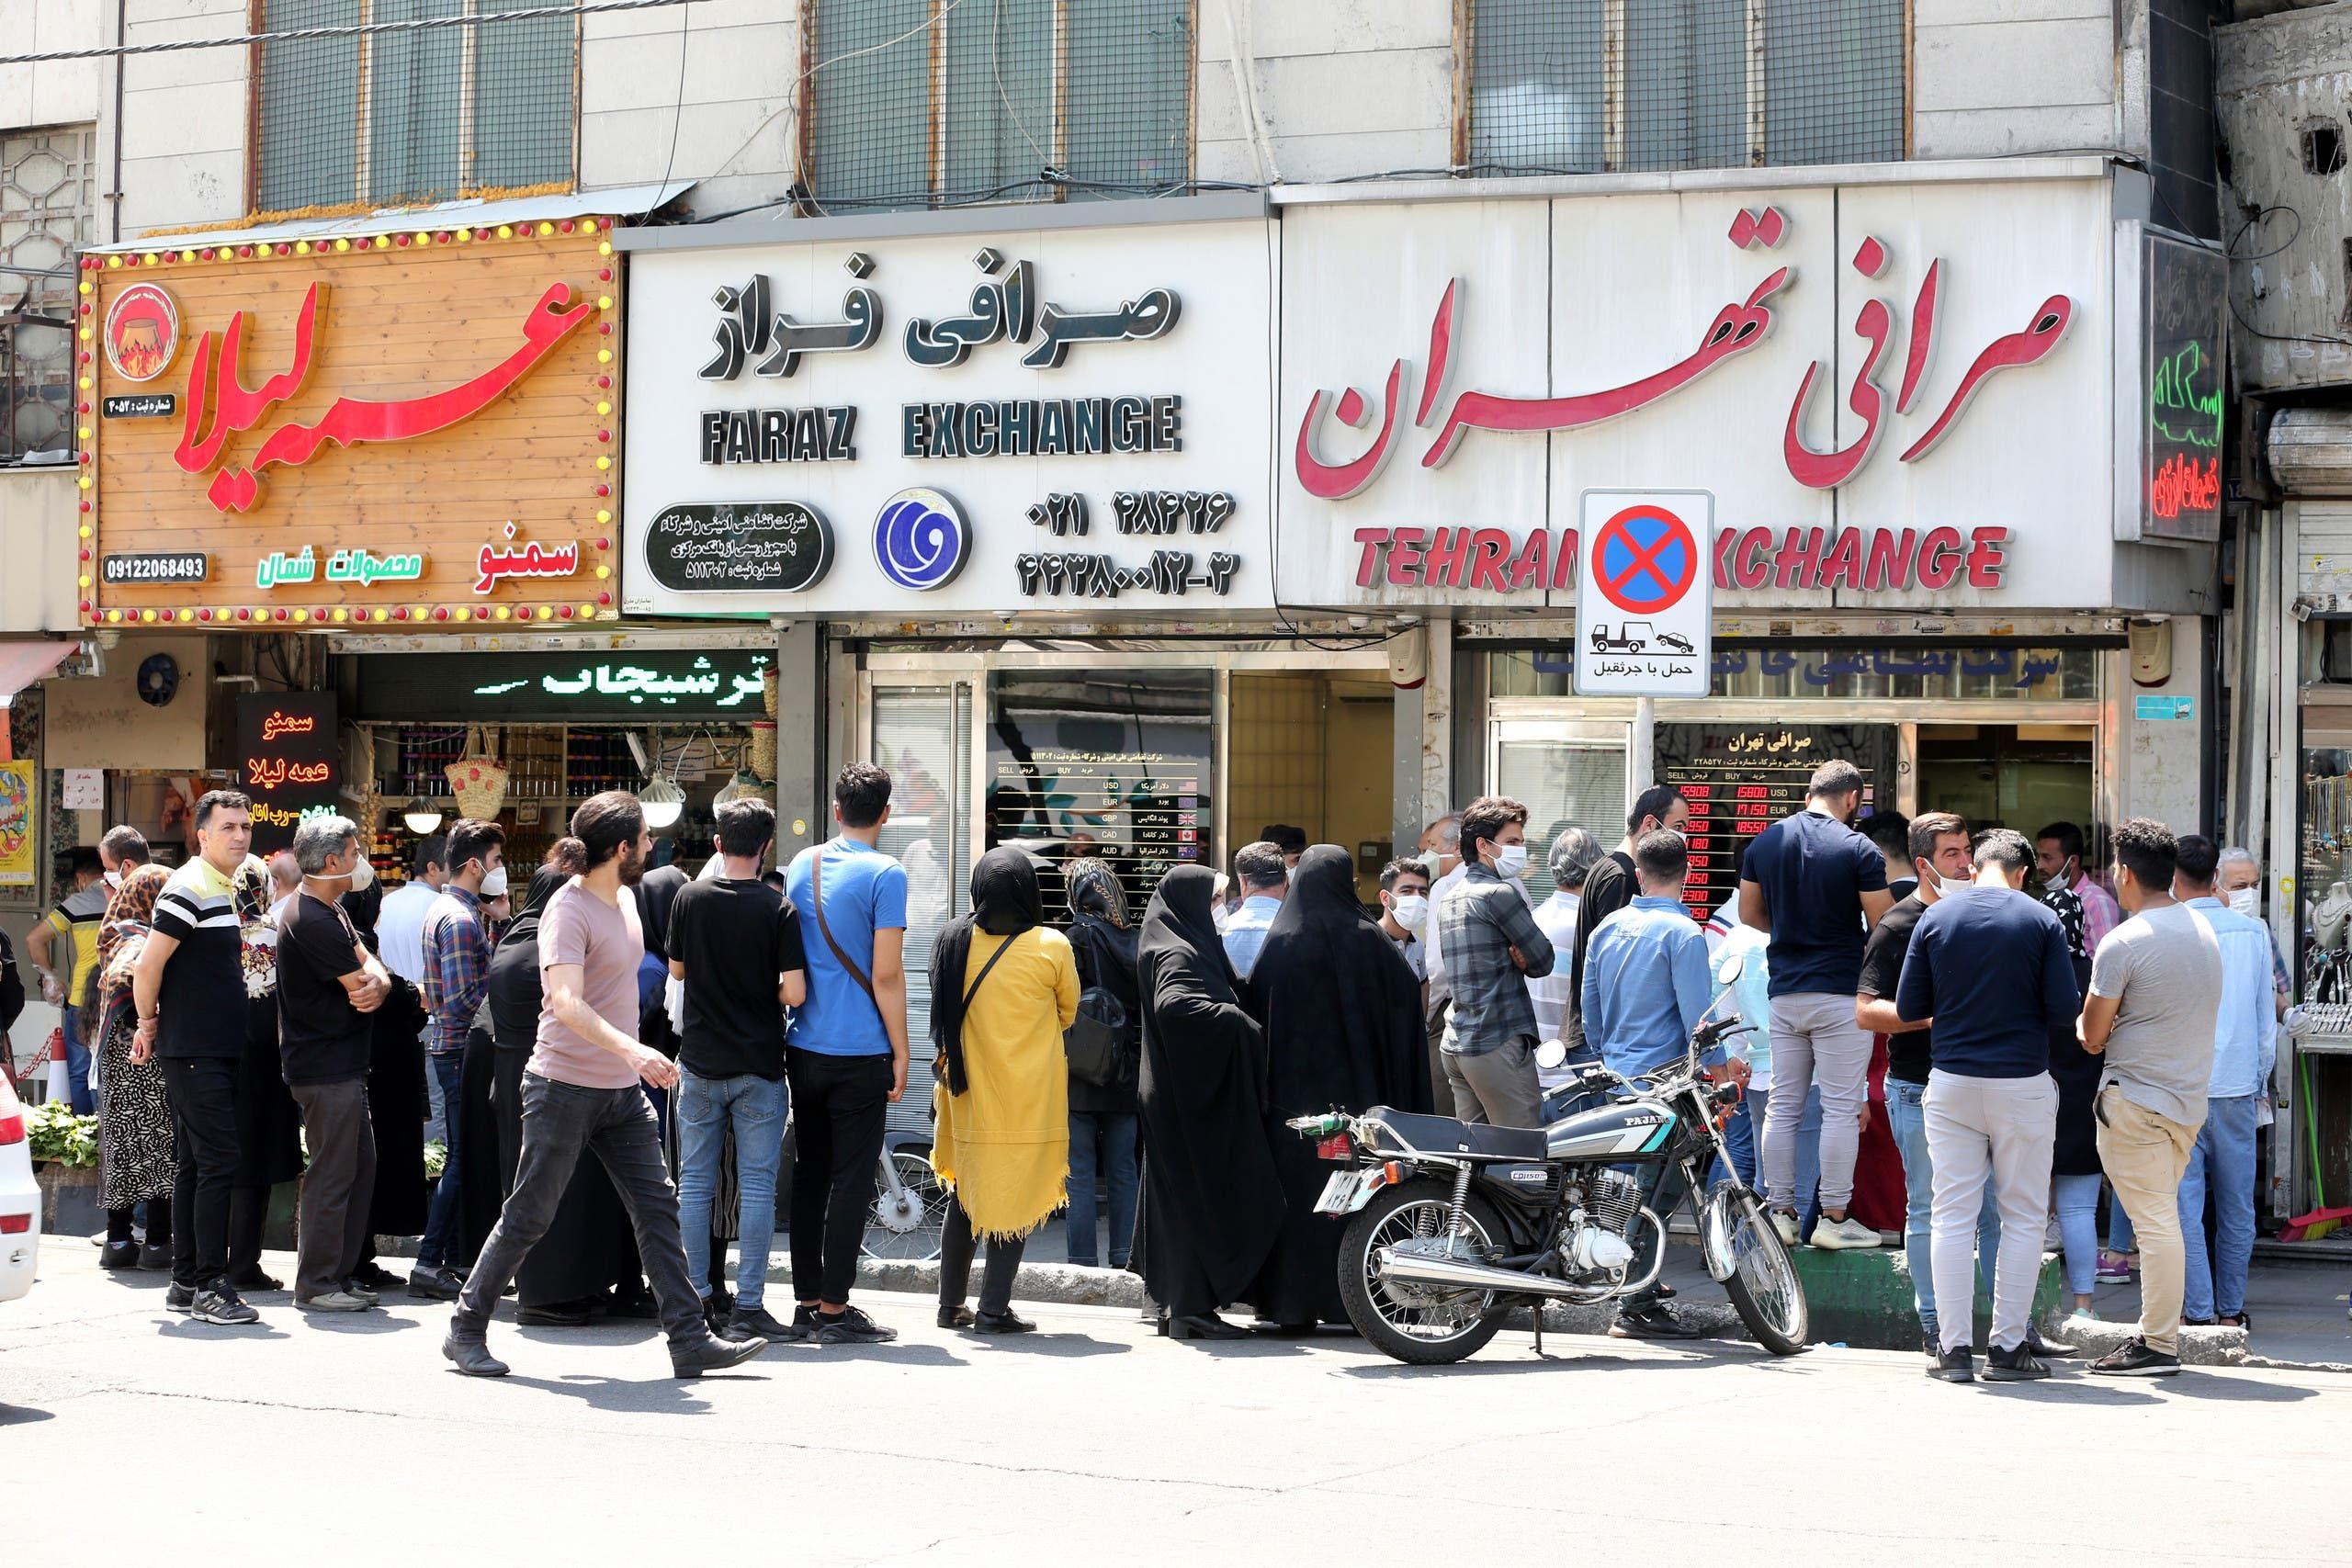 ازدحام أمام مكتب صرافة في طهران